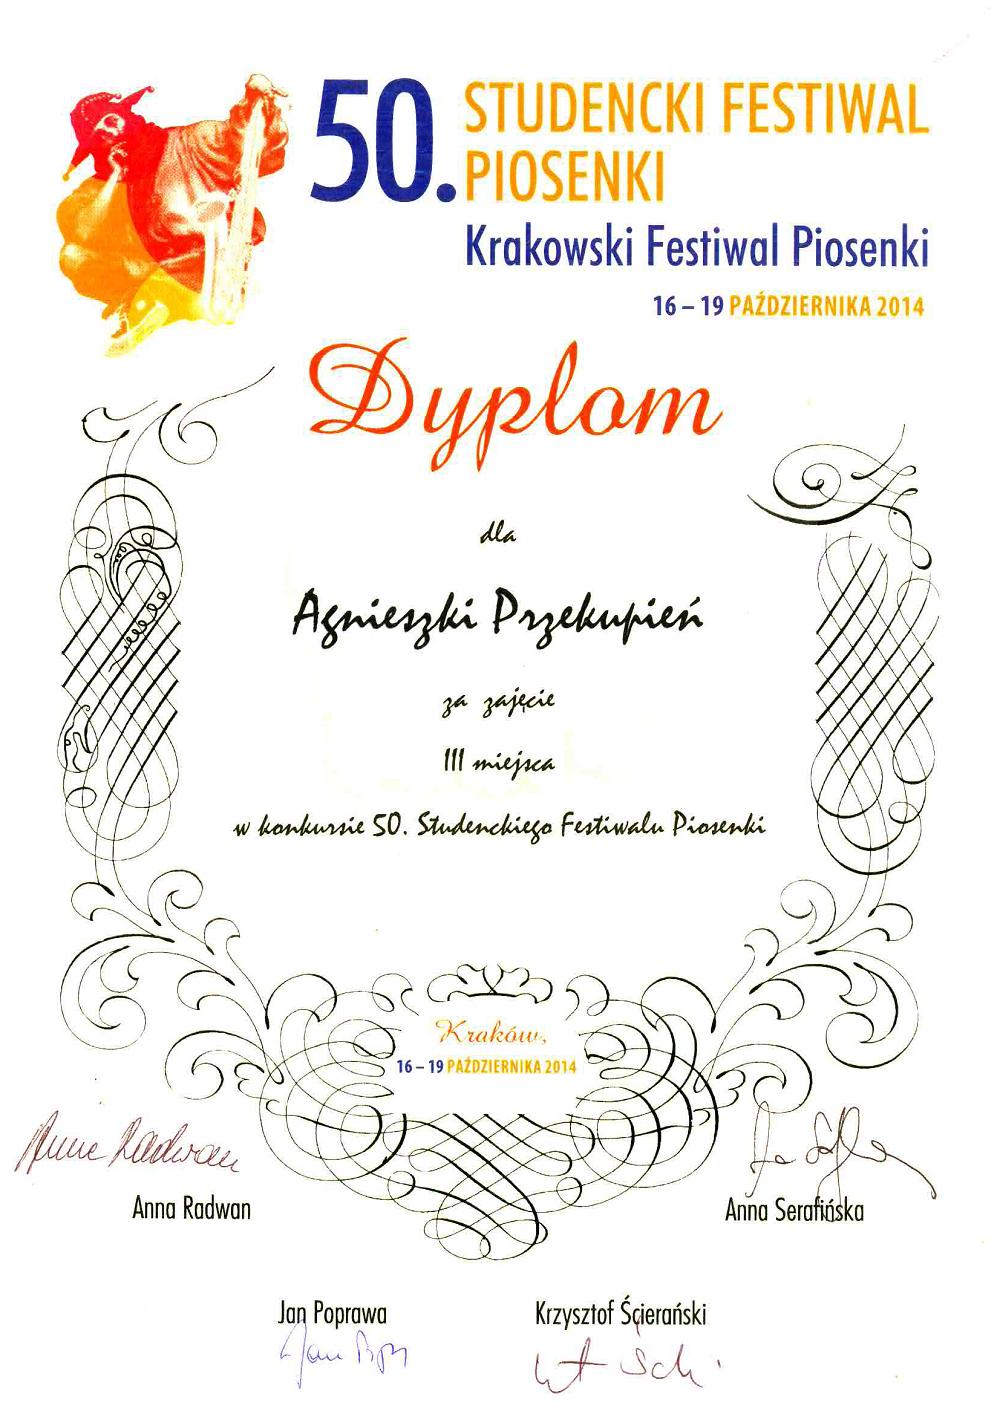 Przekupien_dyplom_III_nagroda_www